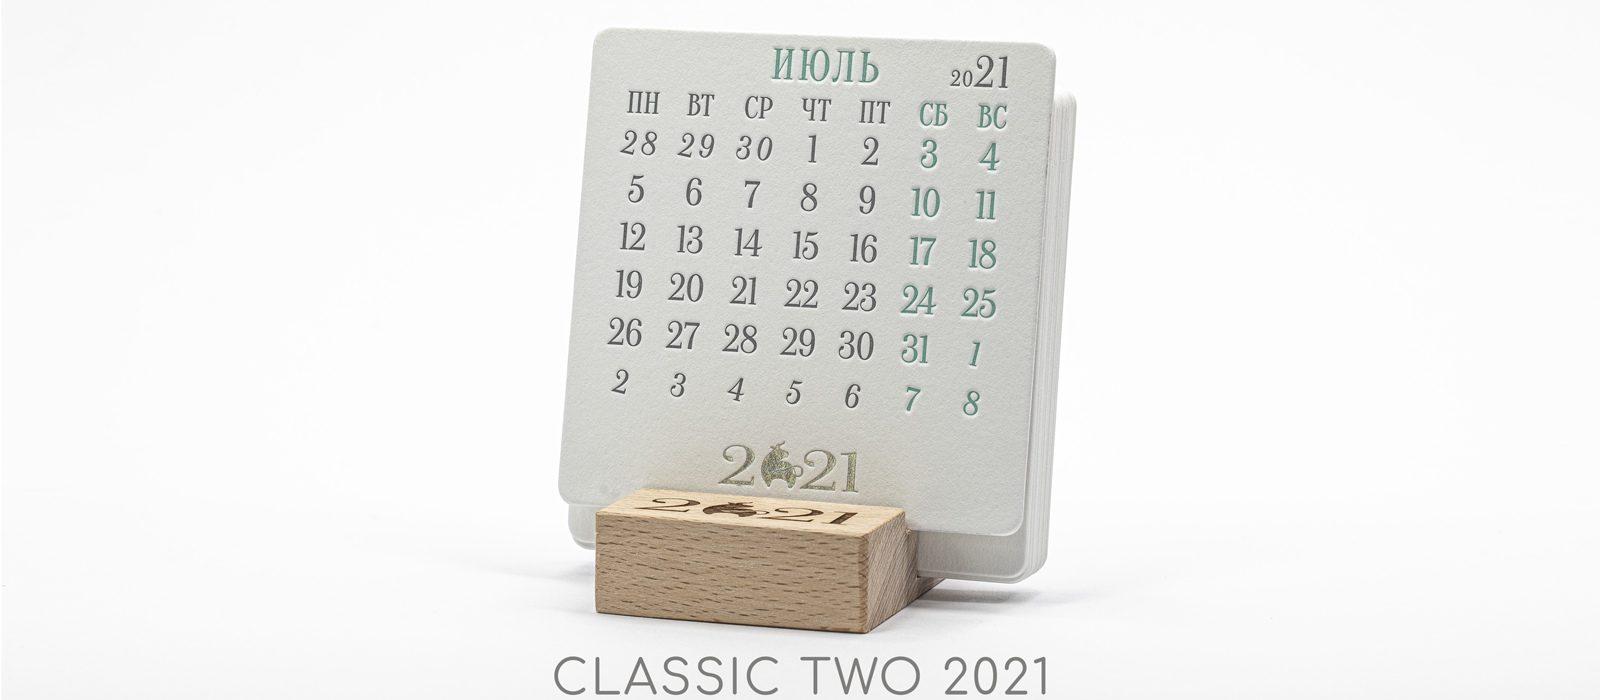 Деревянный календарь на подставке Classic Two 2021